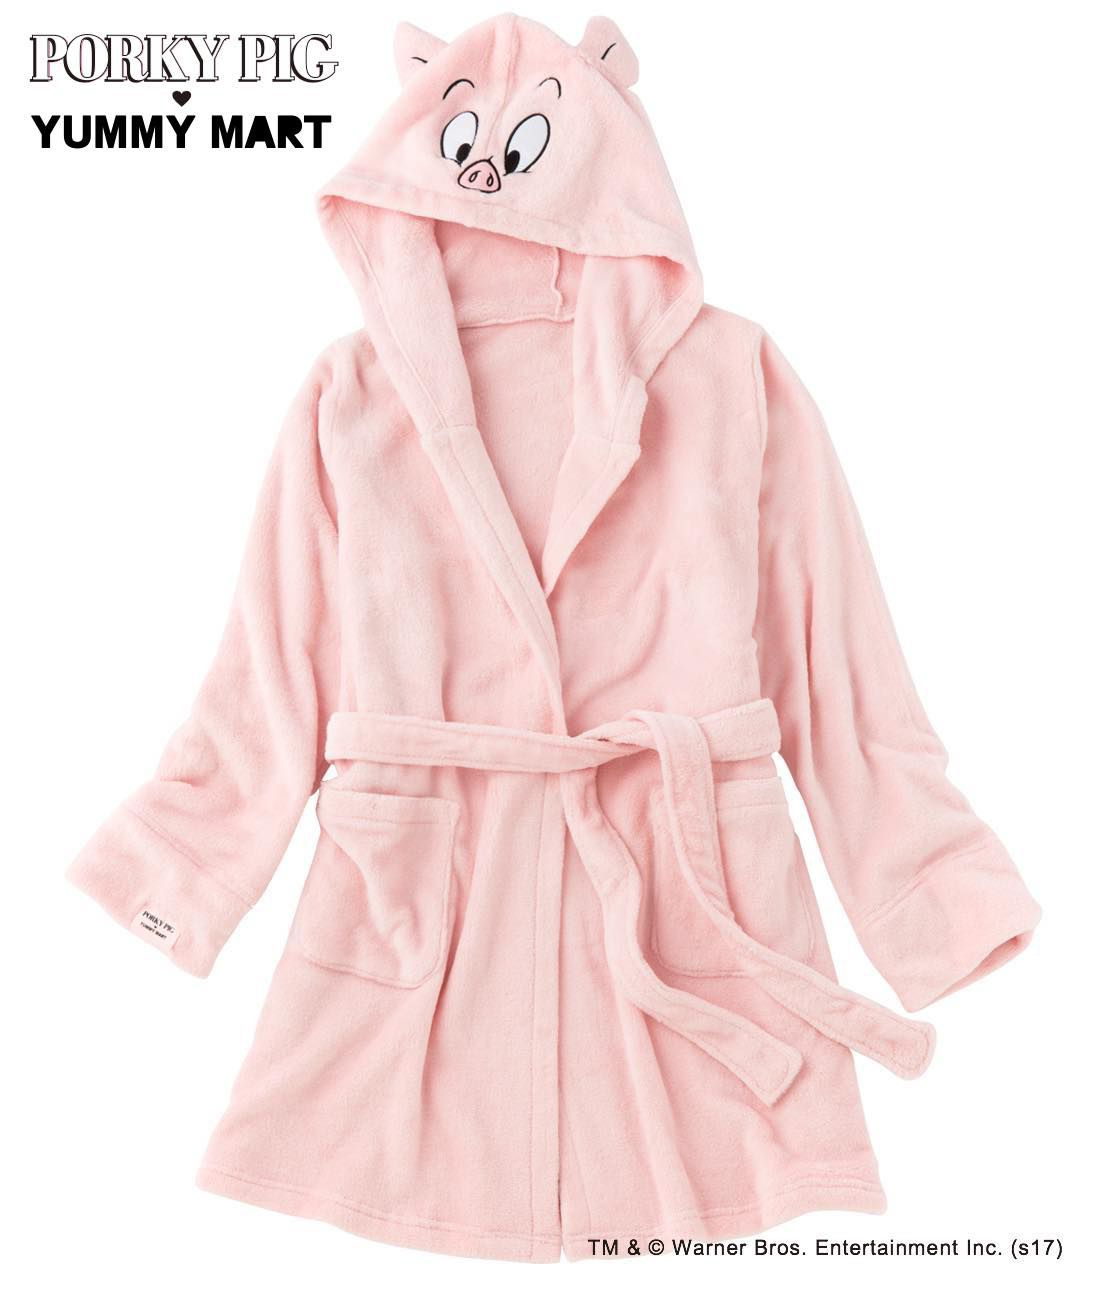 YM Porky Pig Robe